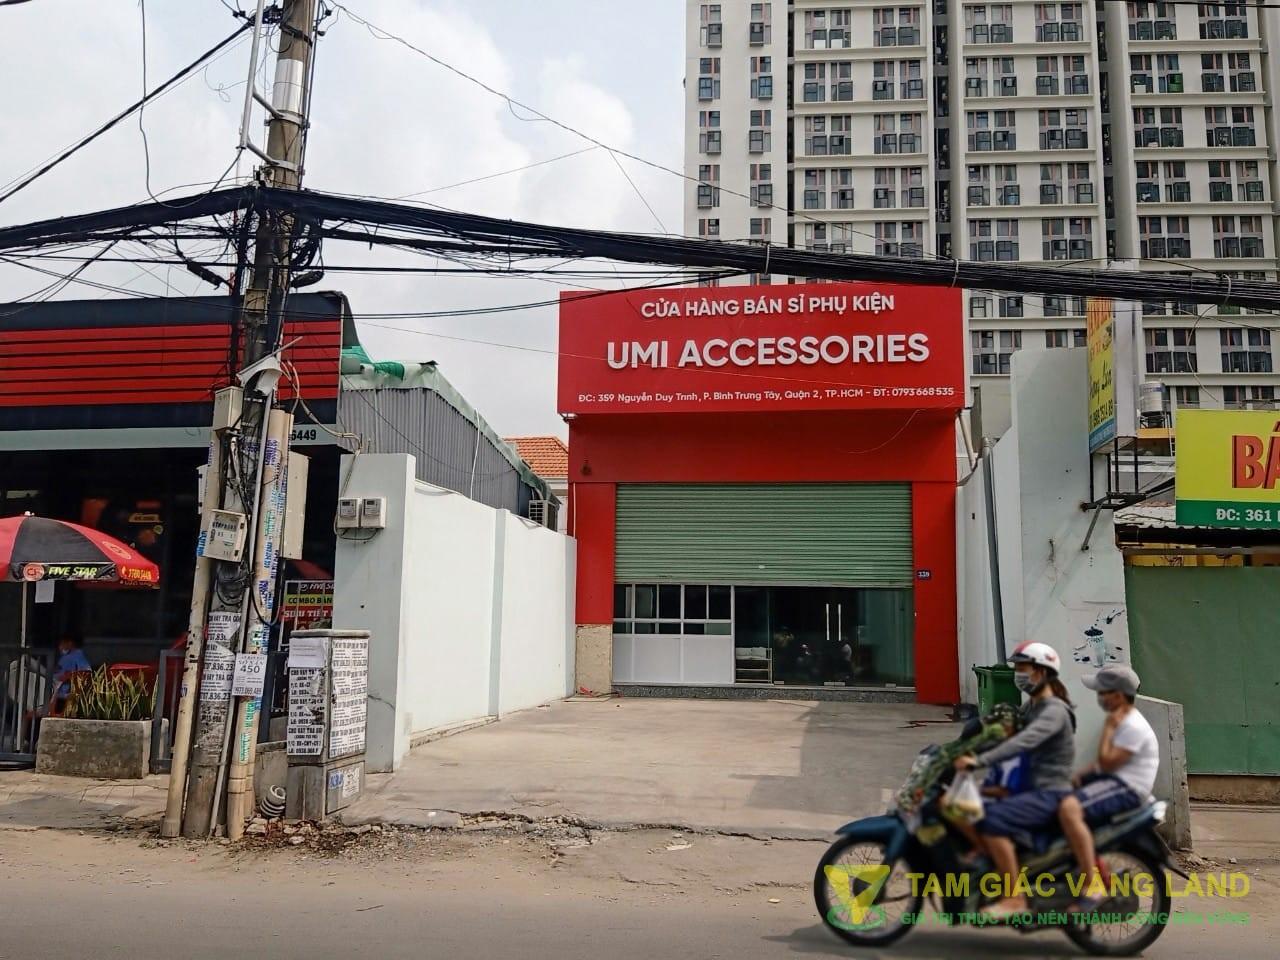 Cho thuê nhà mặt tiền đường Nguyễn Duy Trinh, Phường Bình Trưng Tây, Quận 2, DT 6x30m, mặt bằng, Giá 45 triệu/tháng